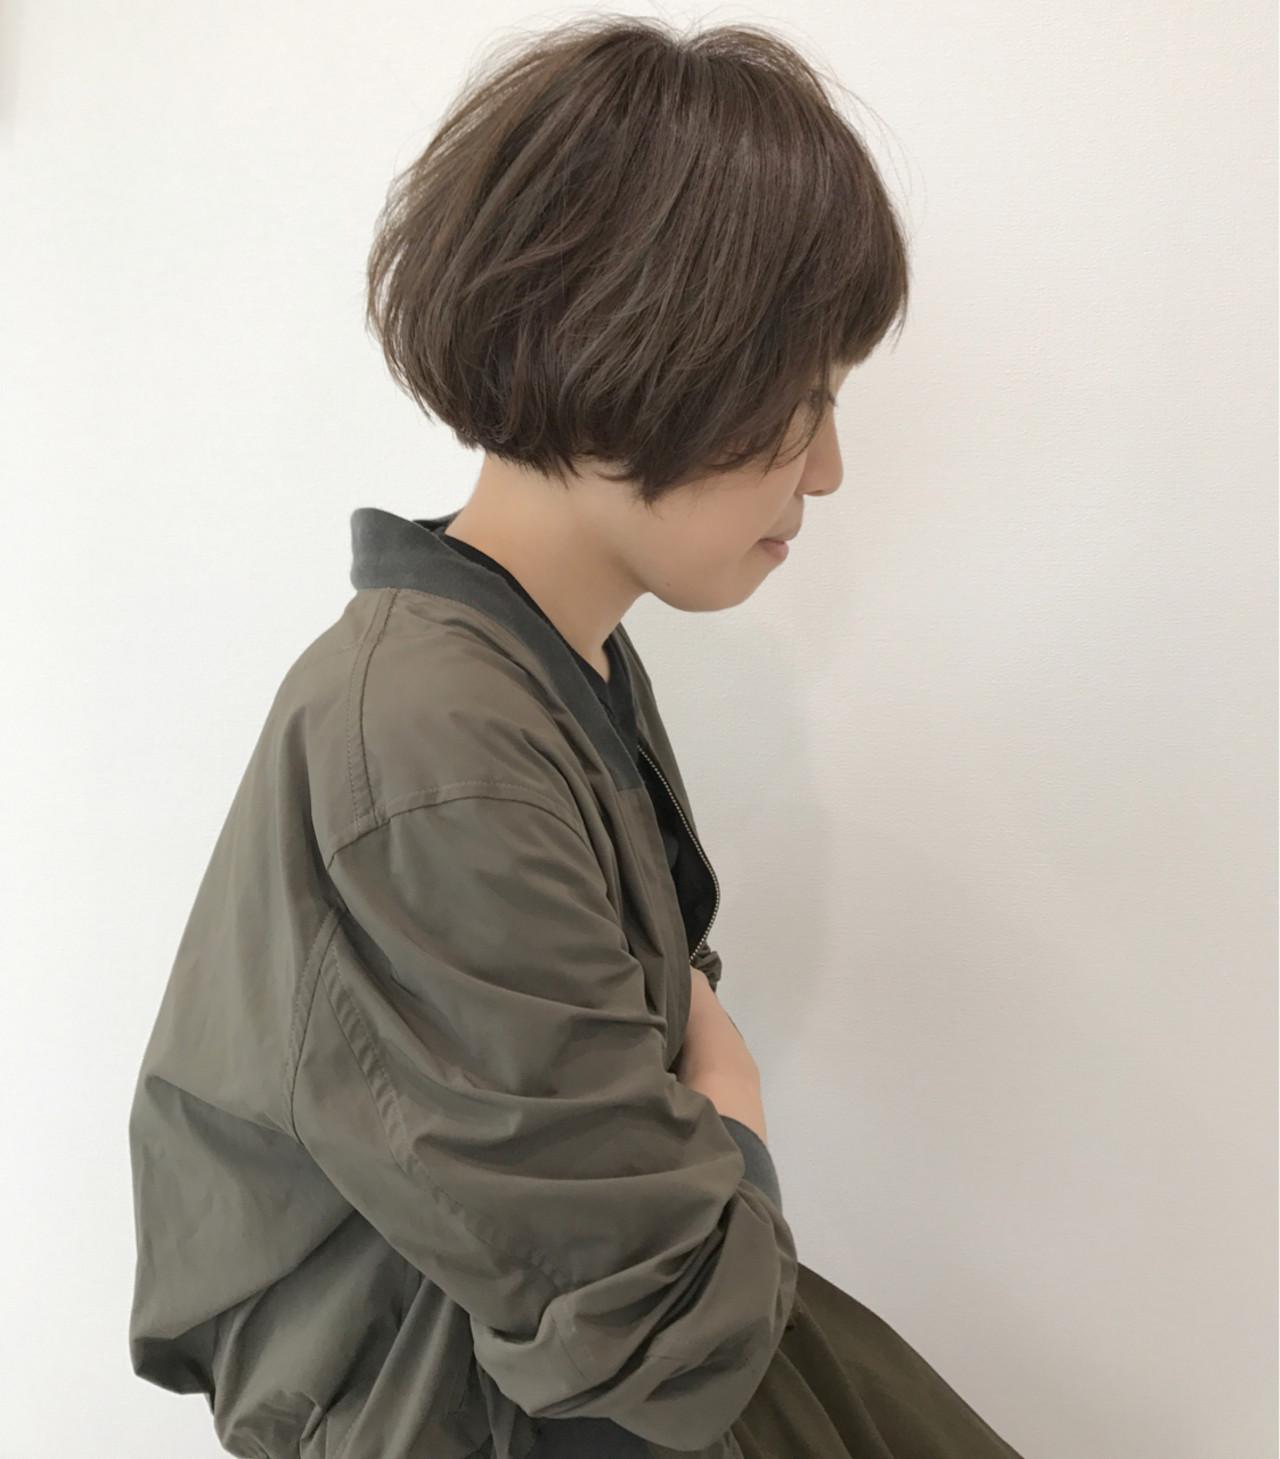 ショートボブ ゆるふわ 大人かわいい フェミニン ヘアスタイルや髪型の写真・画像 | YellowBear / YellowBear